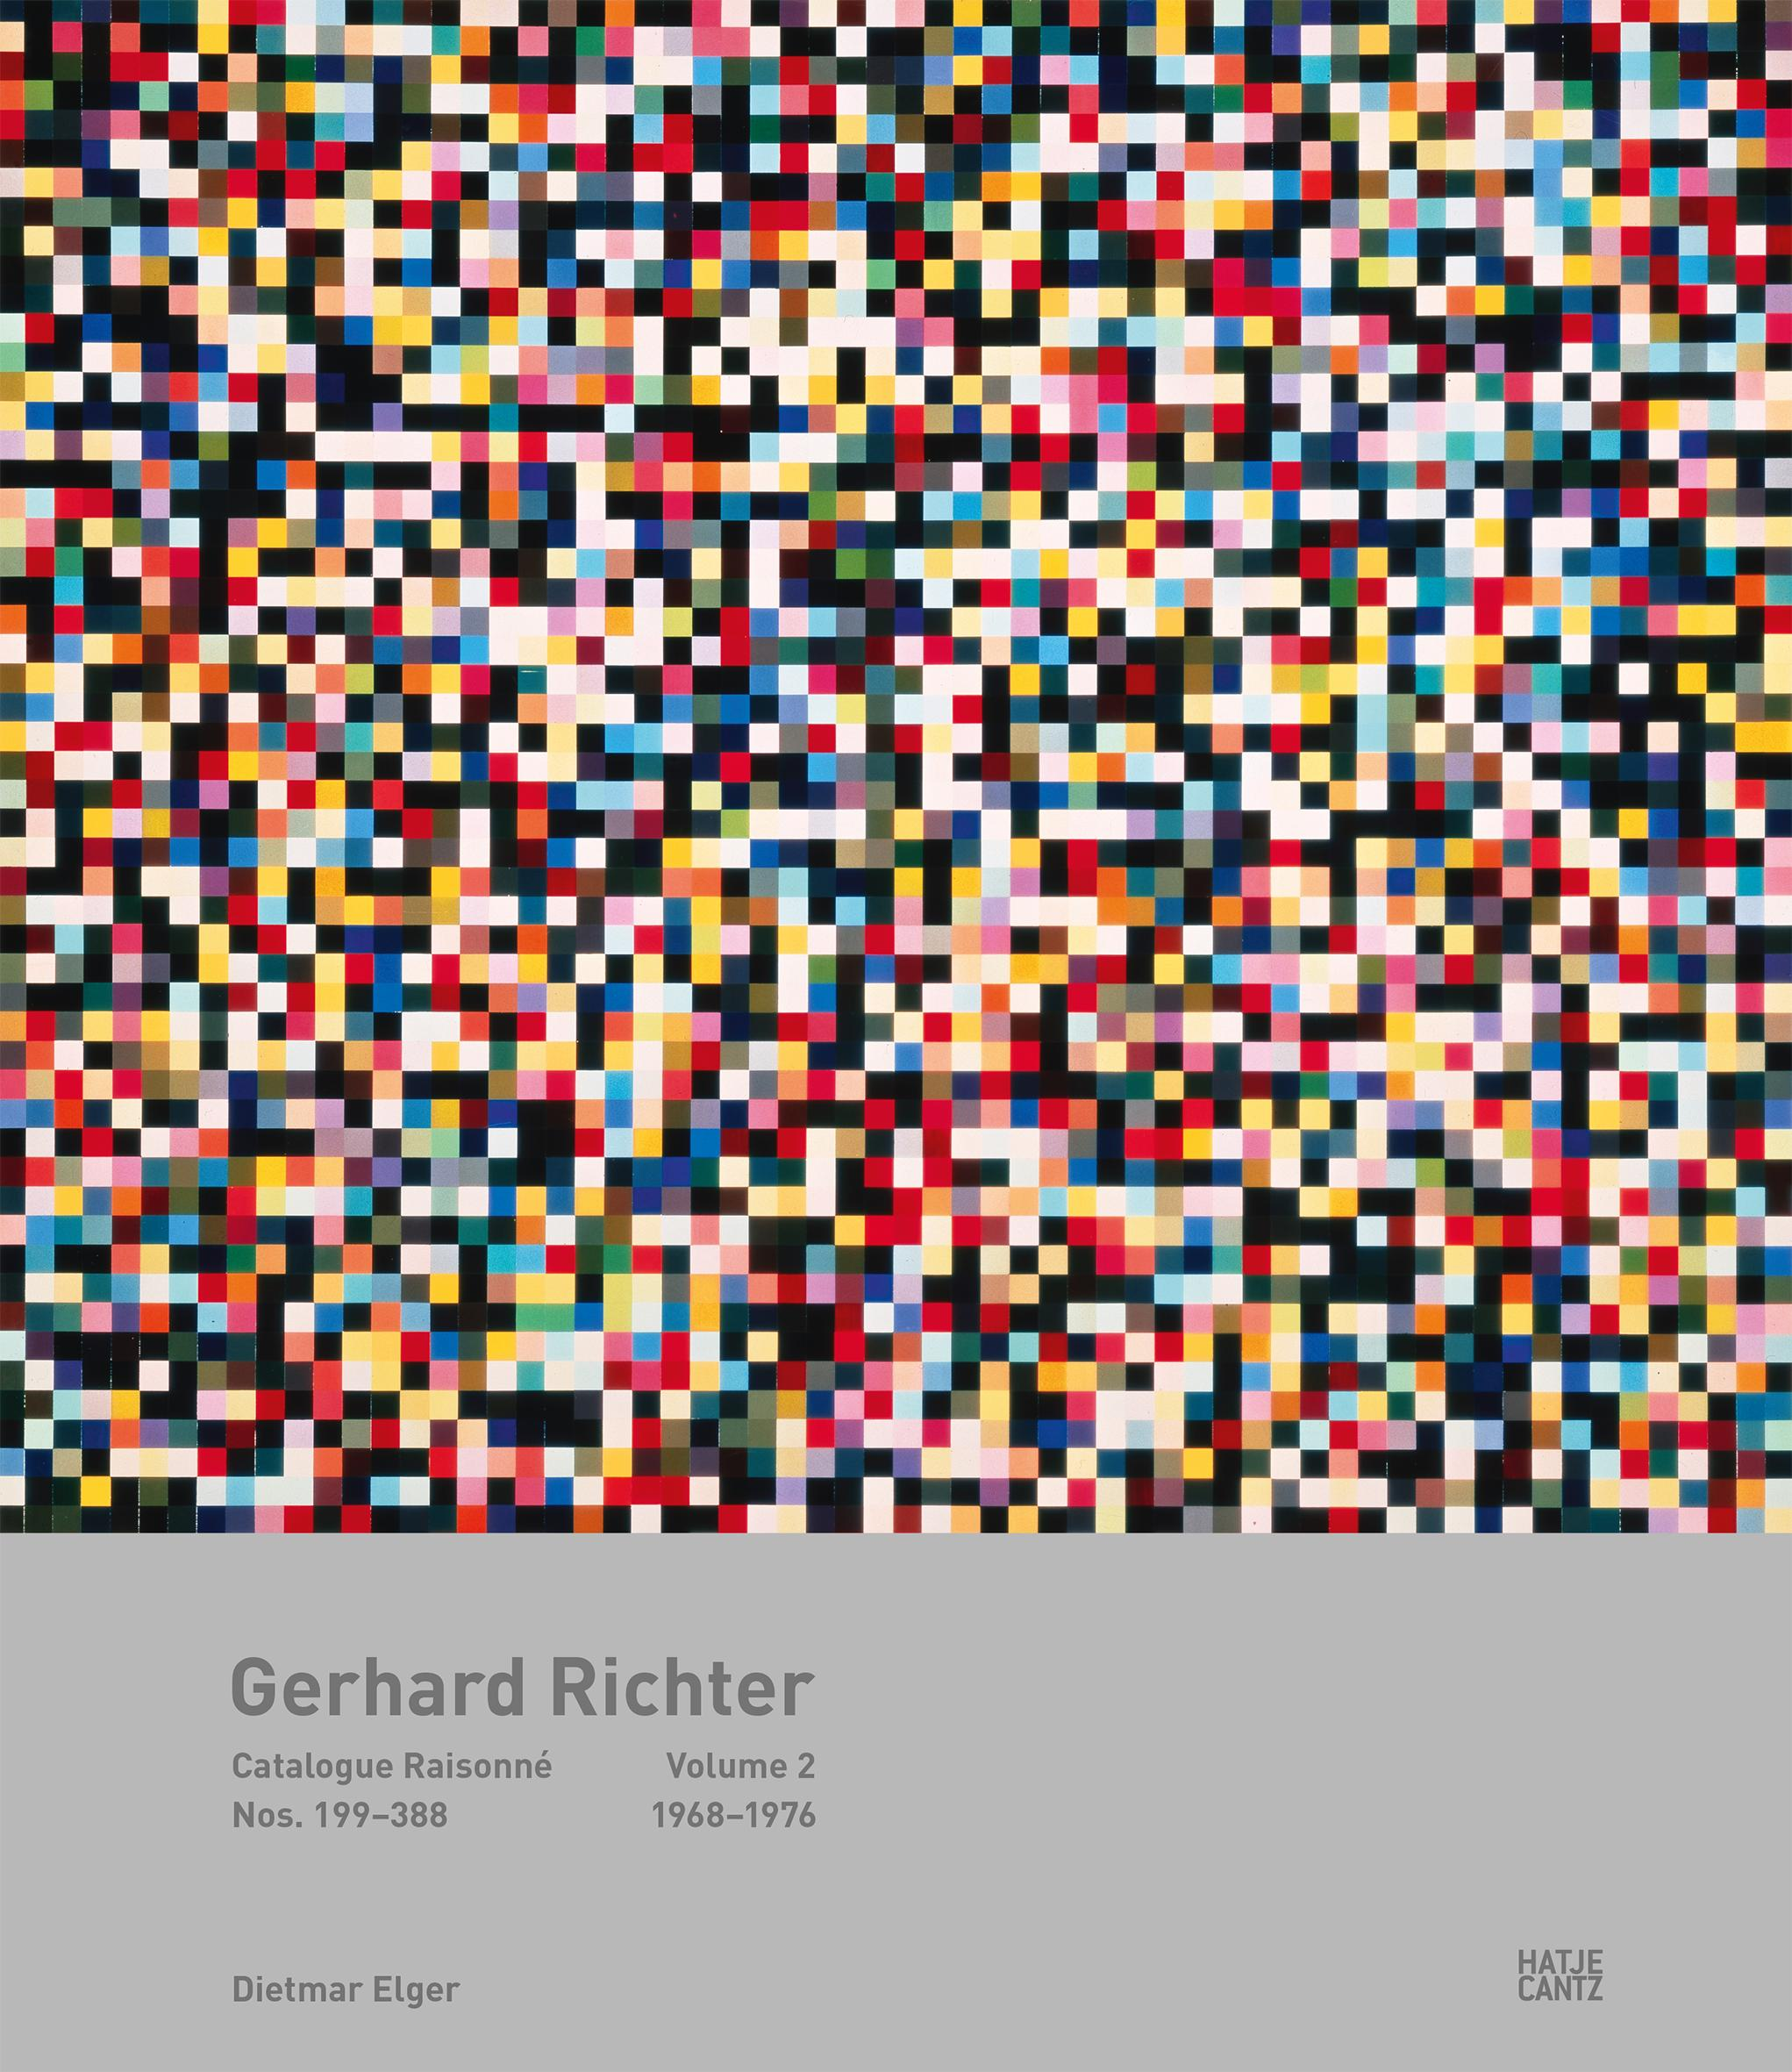 Volume 2: Nos 1968-1976 Gerhard Richter: Catalogue Raisonn/é 199-388